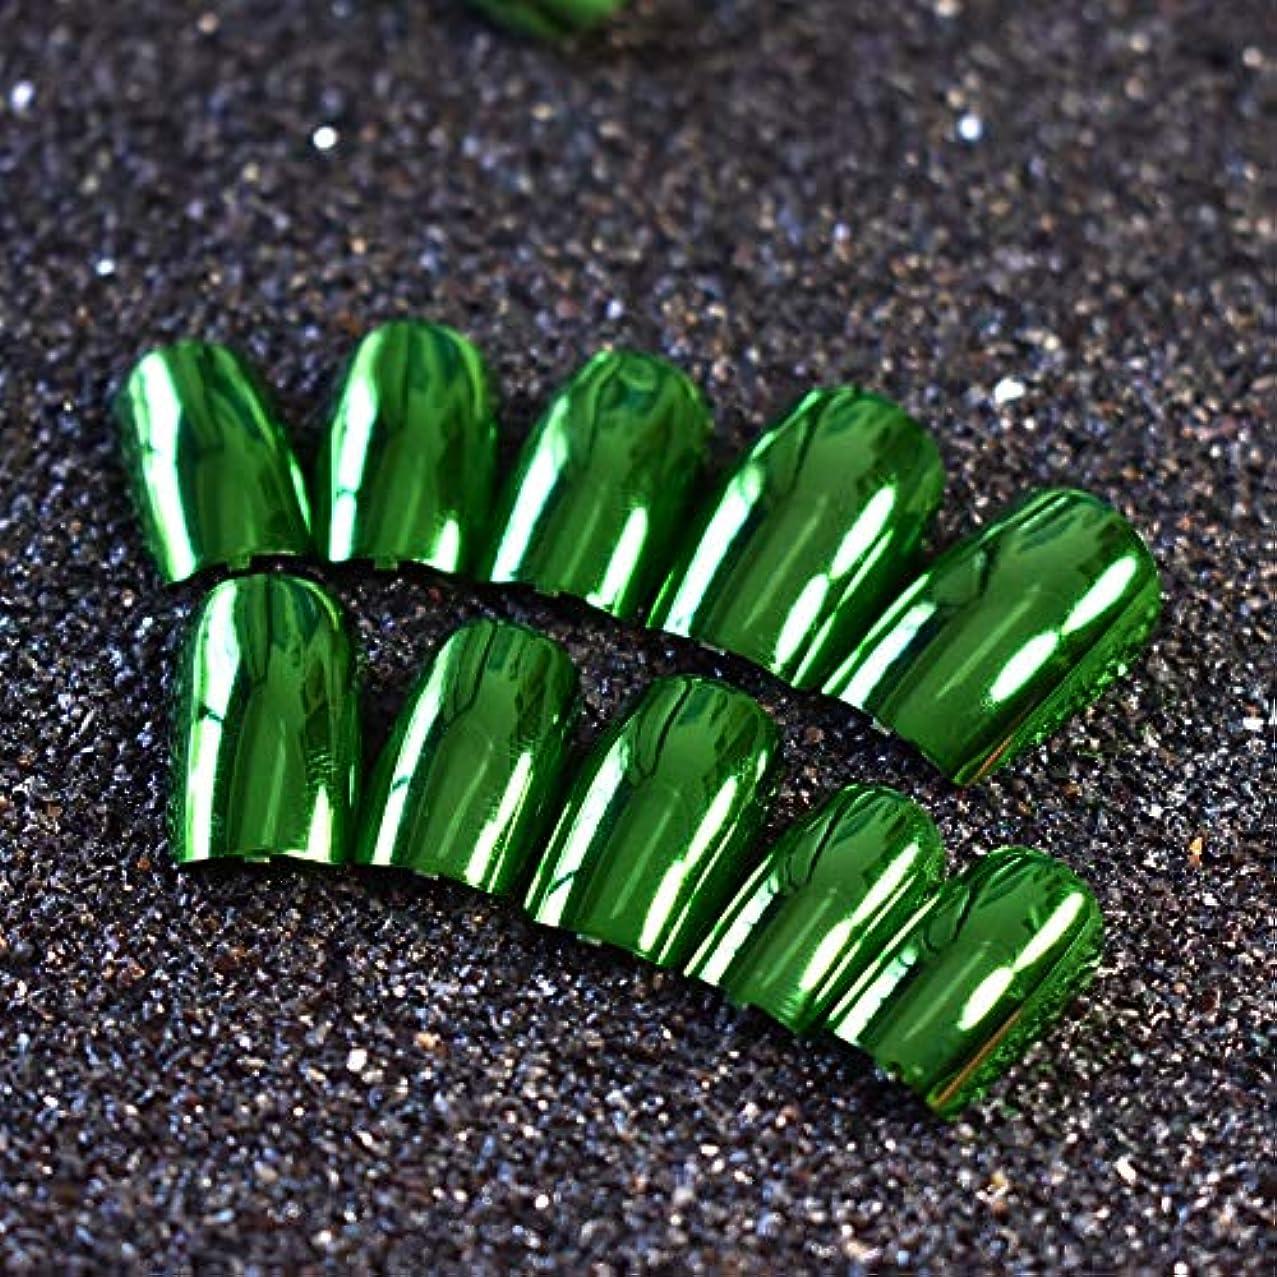 吸収する塗抹矢XUTXZKA 24ピースメタリックグリーン偽ネイルフルカバーフェイクネイル人工装飾用のヒントマニキュアツール